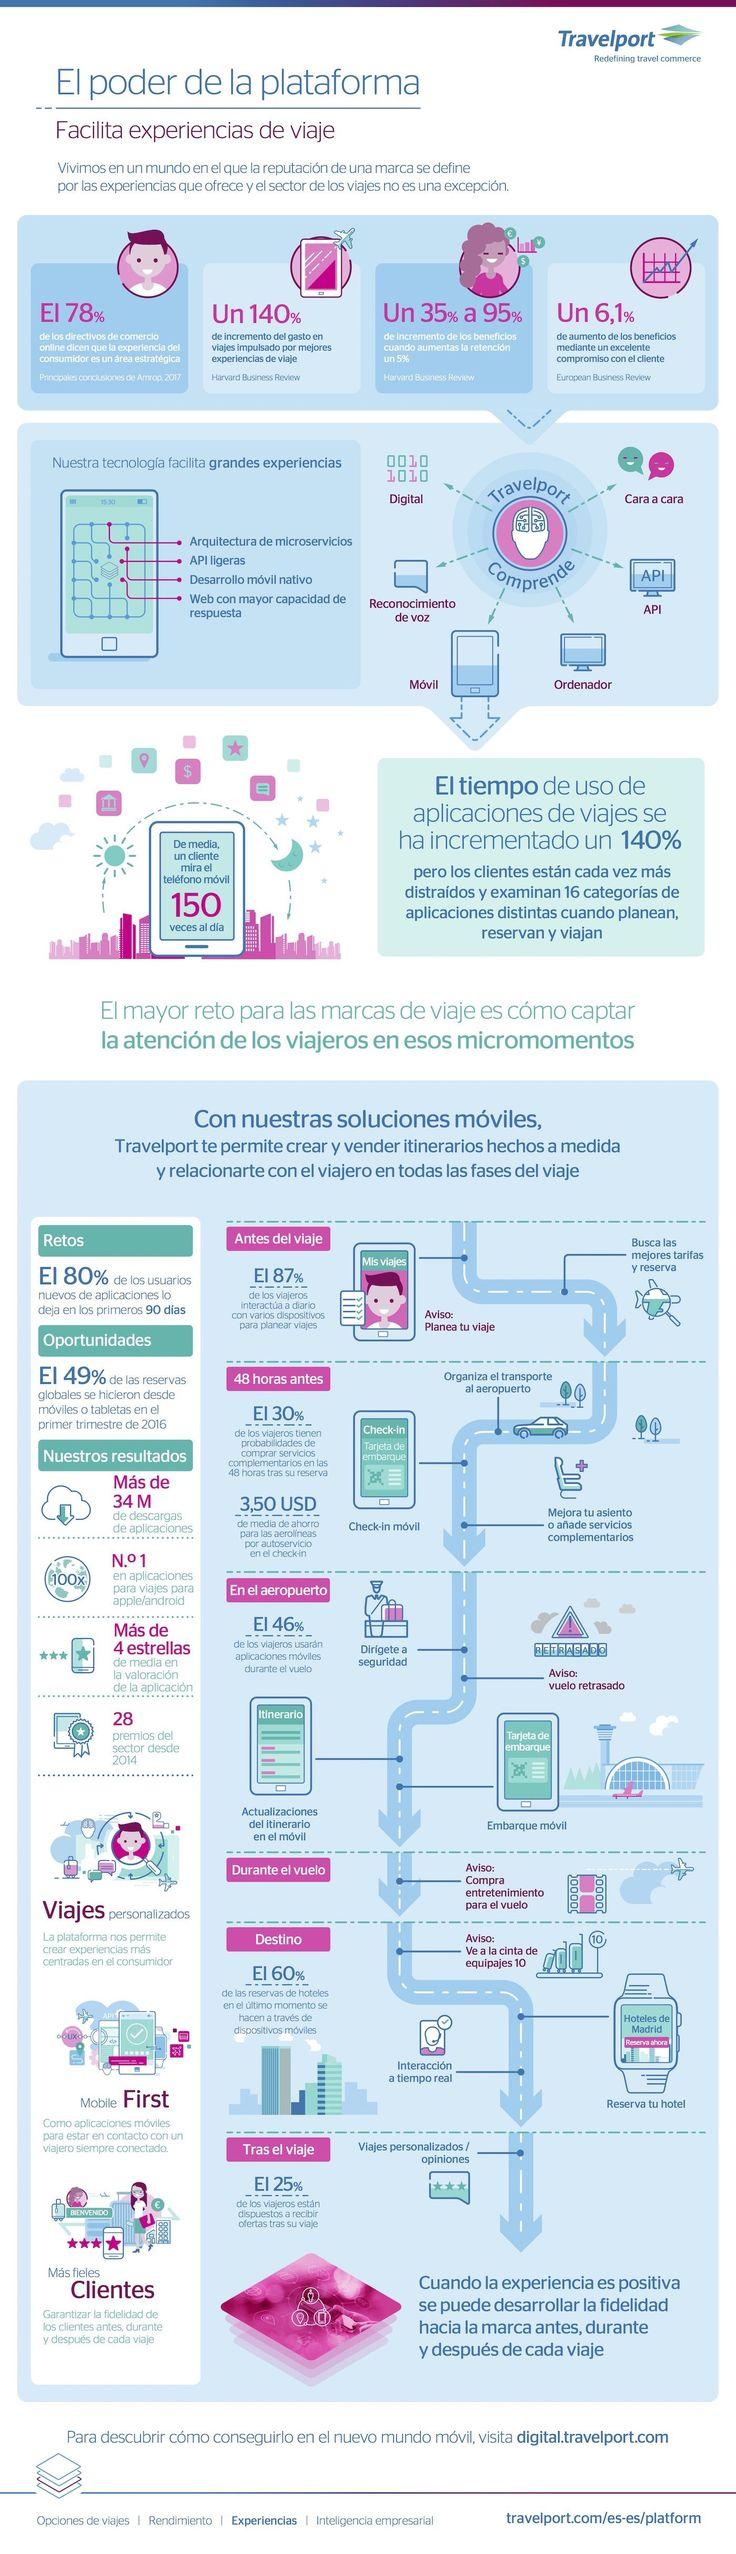 El tiempo de uso de las apps durante el viaje ha aumentado un 140 %